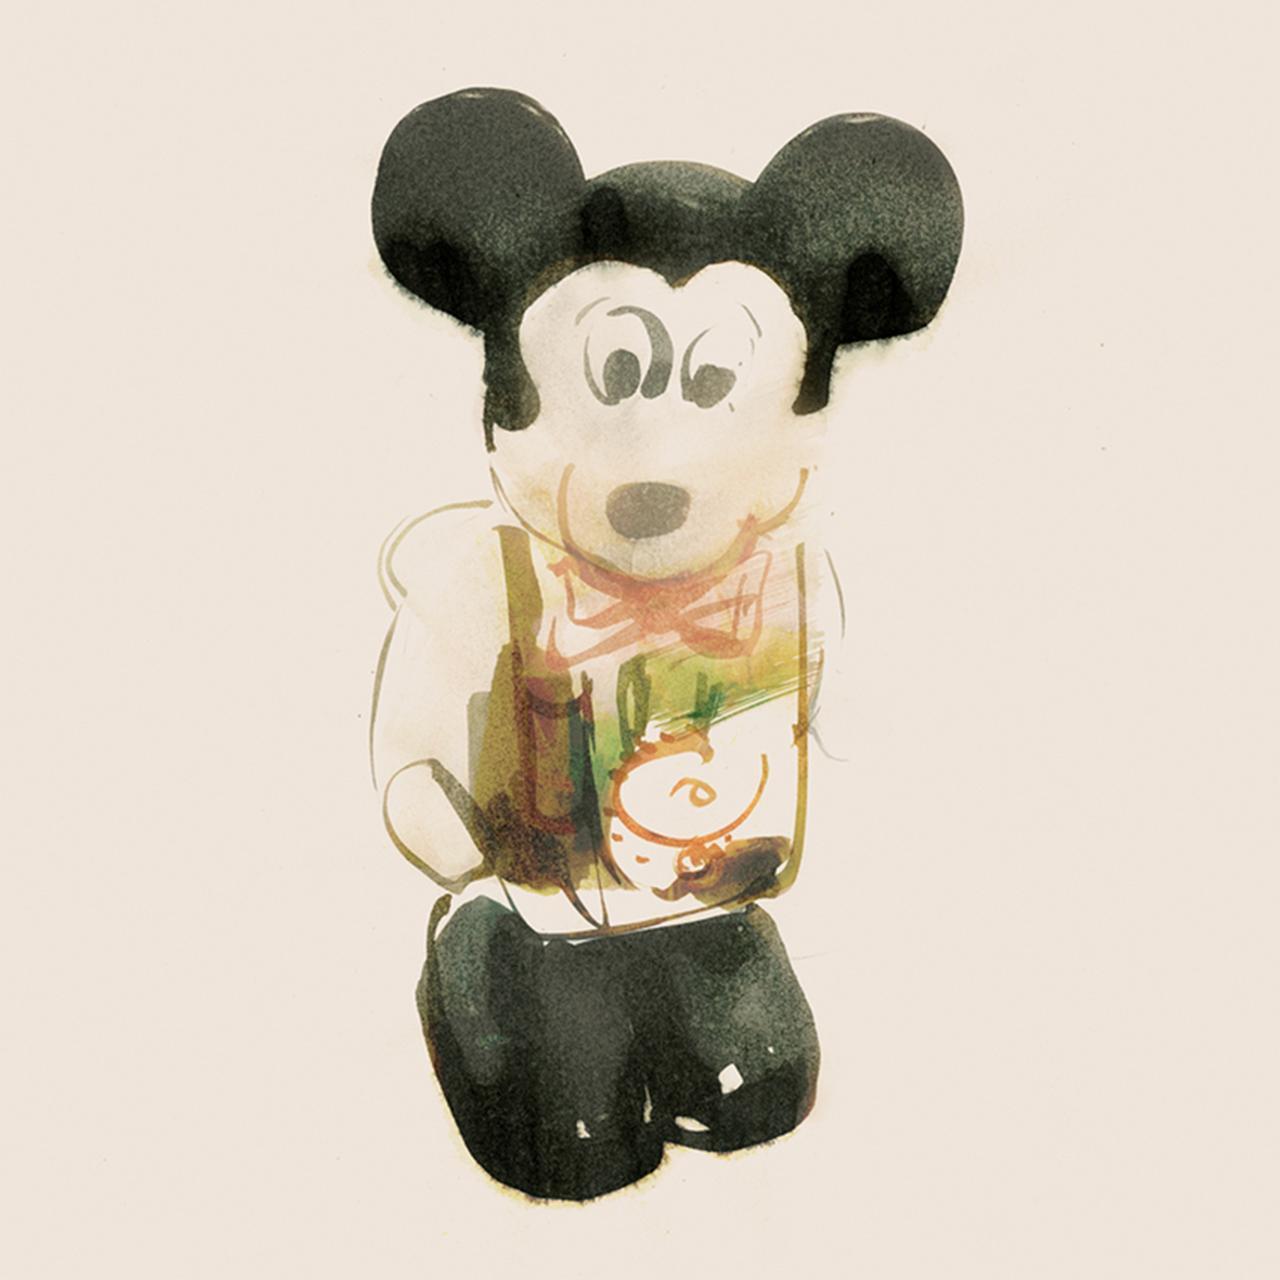 Images : プラスチック製のねじ巻き式ミッキーマウス/1970年代